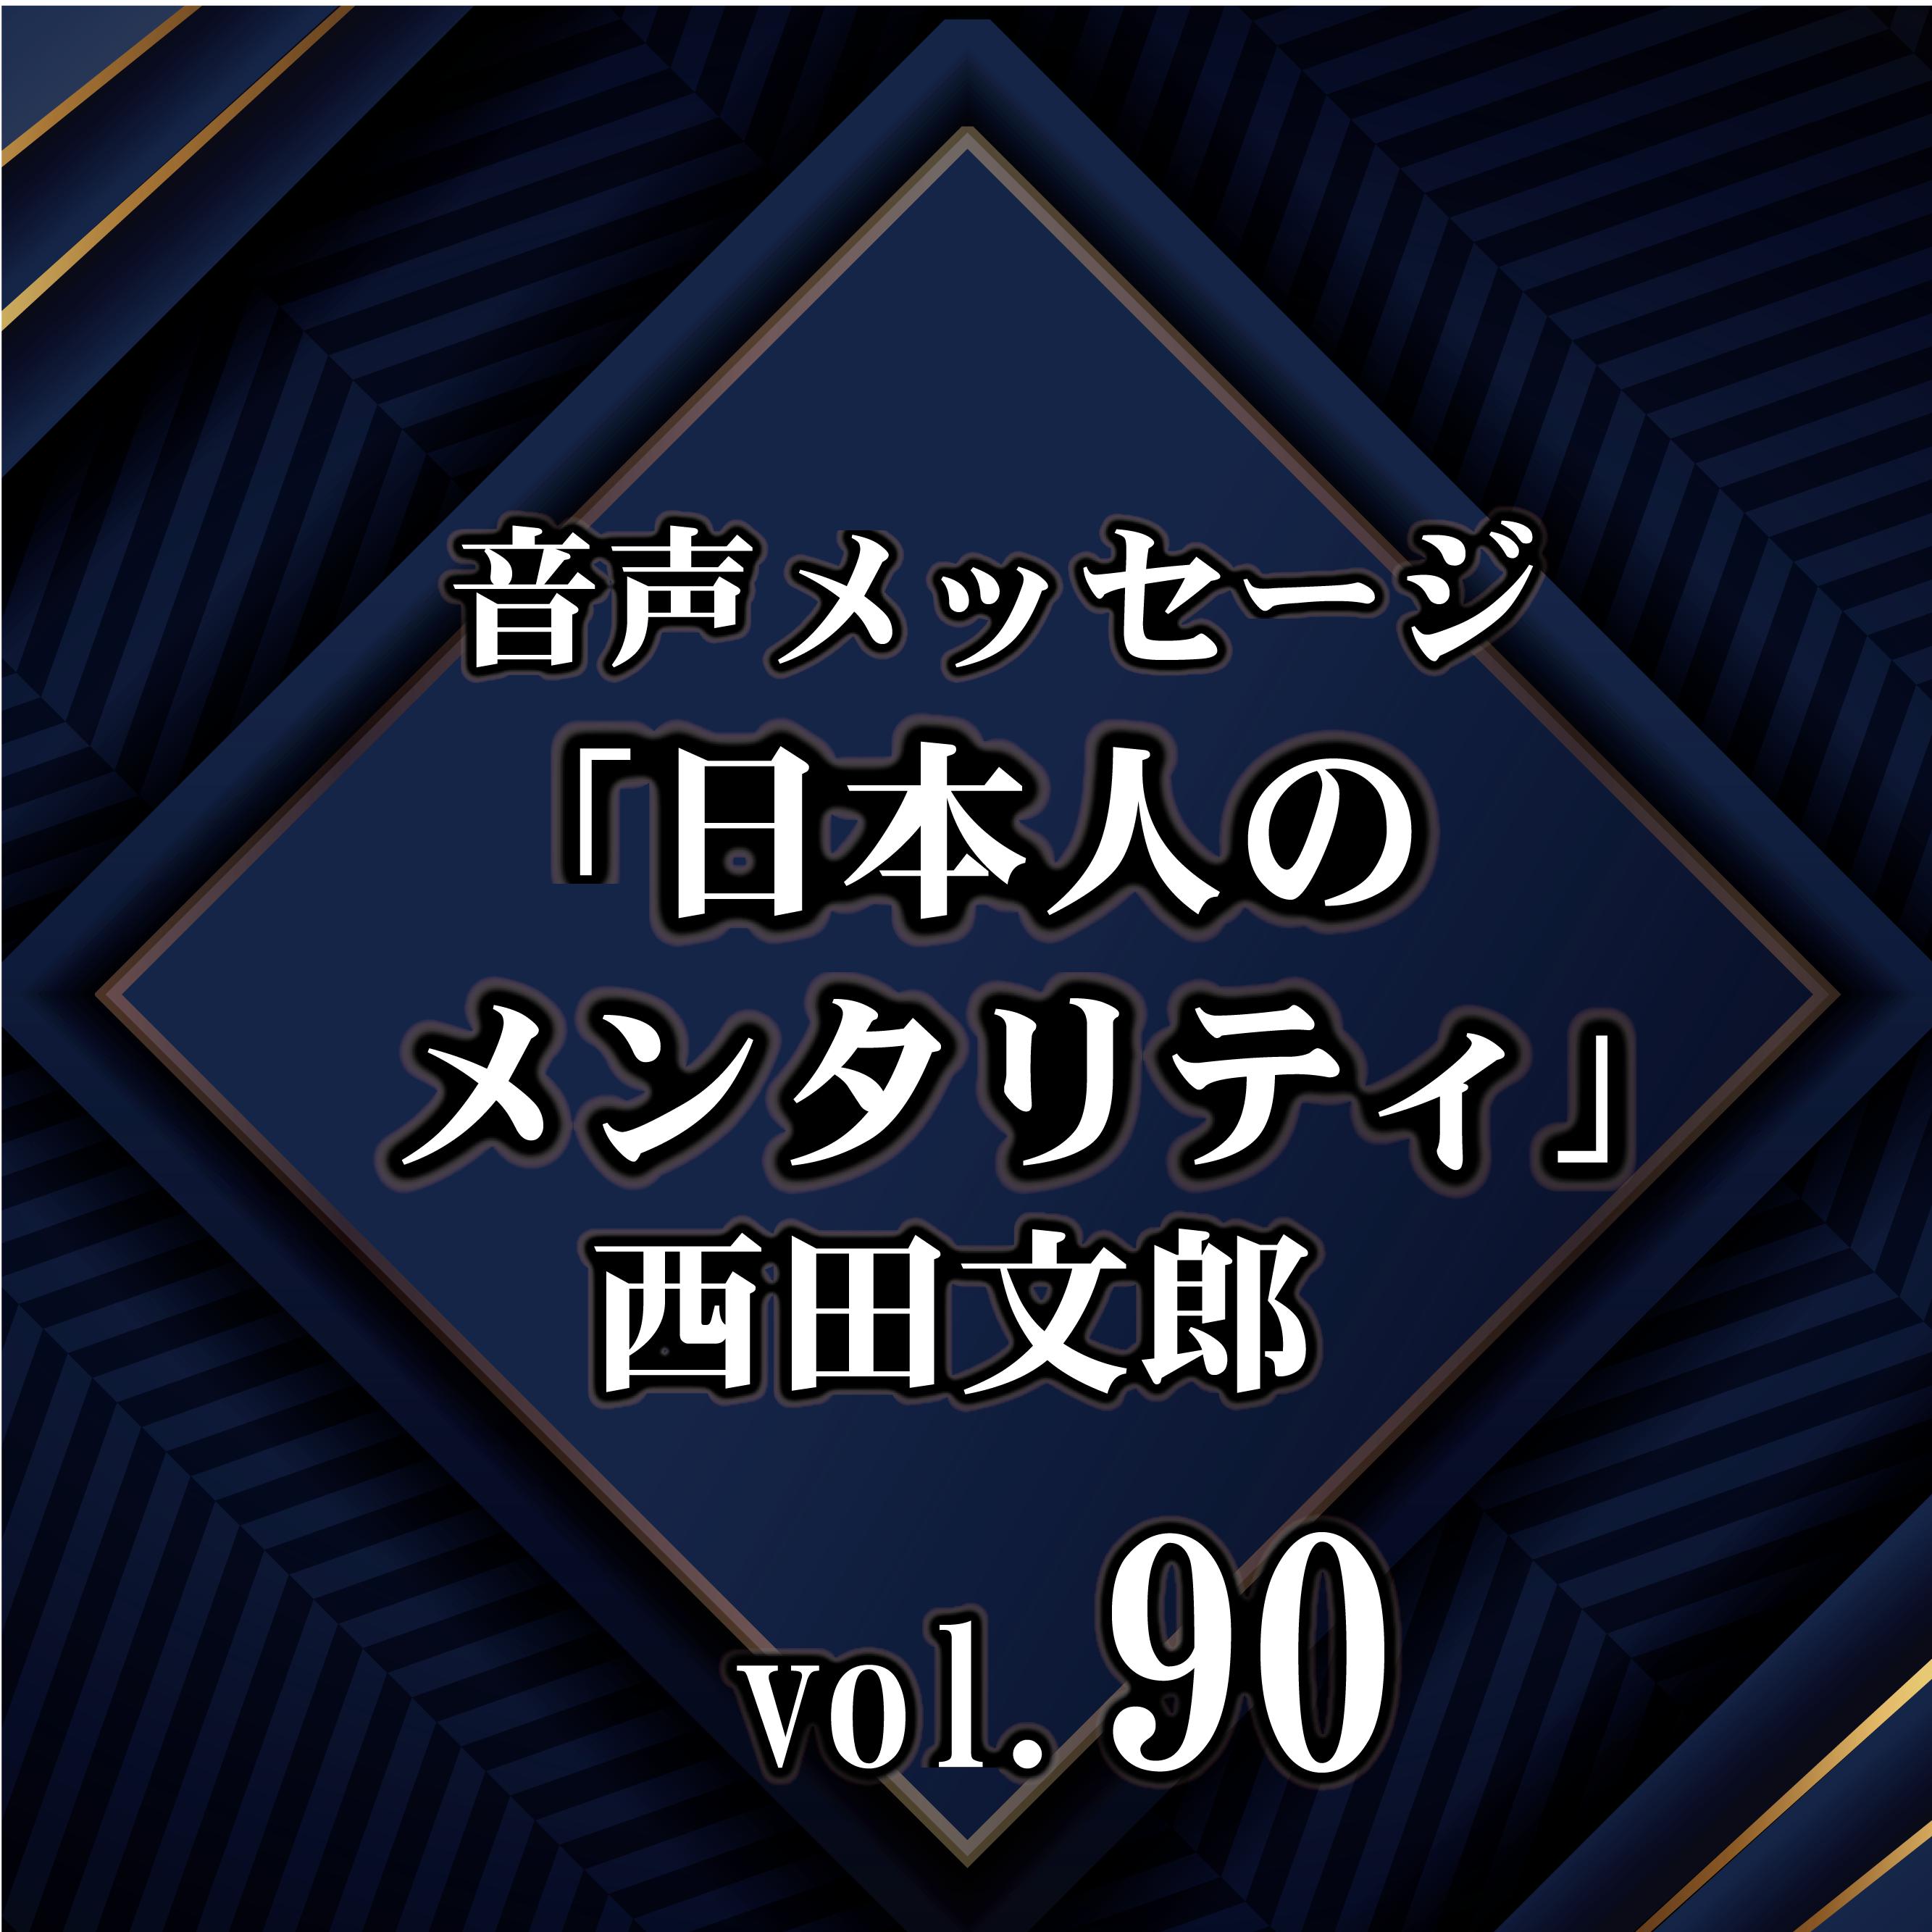 西田文郎 音声メッセージvol.90『日本人のメンタリティ』